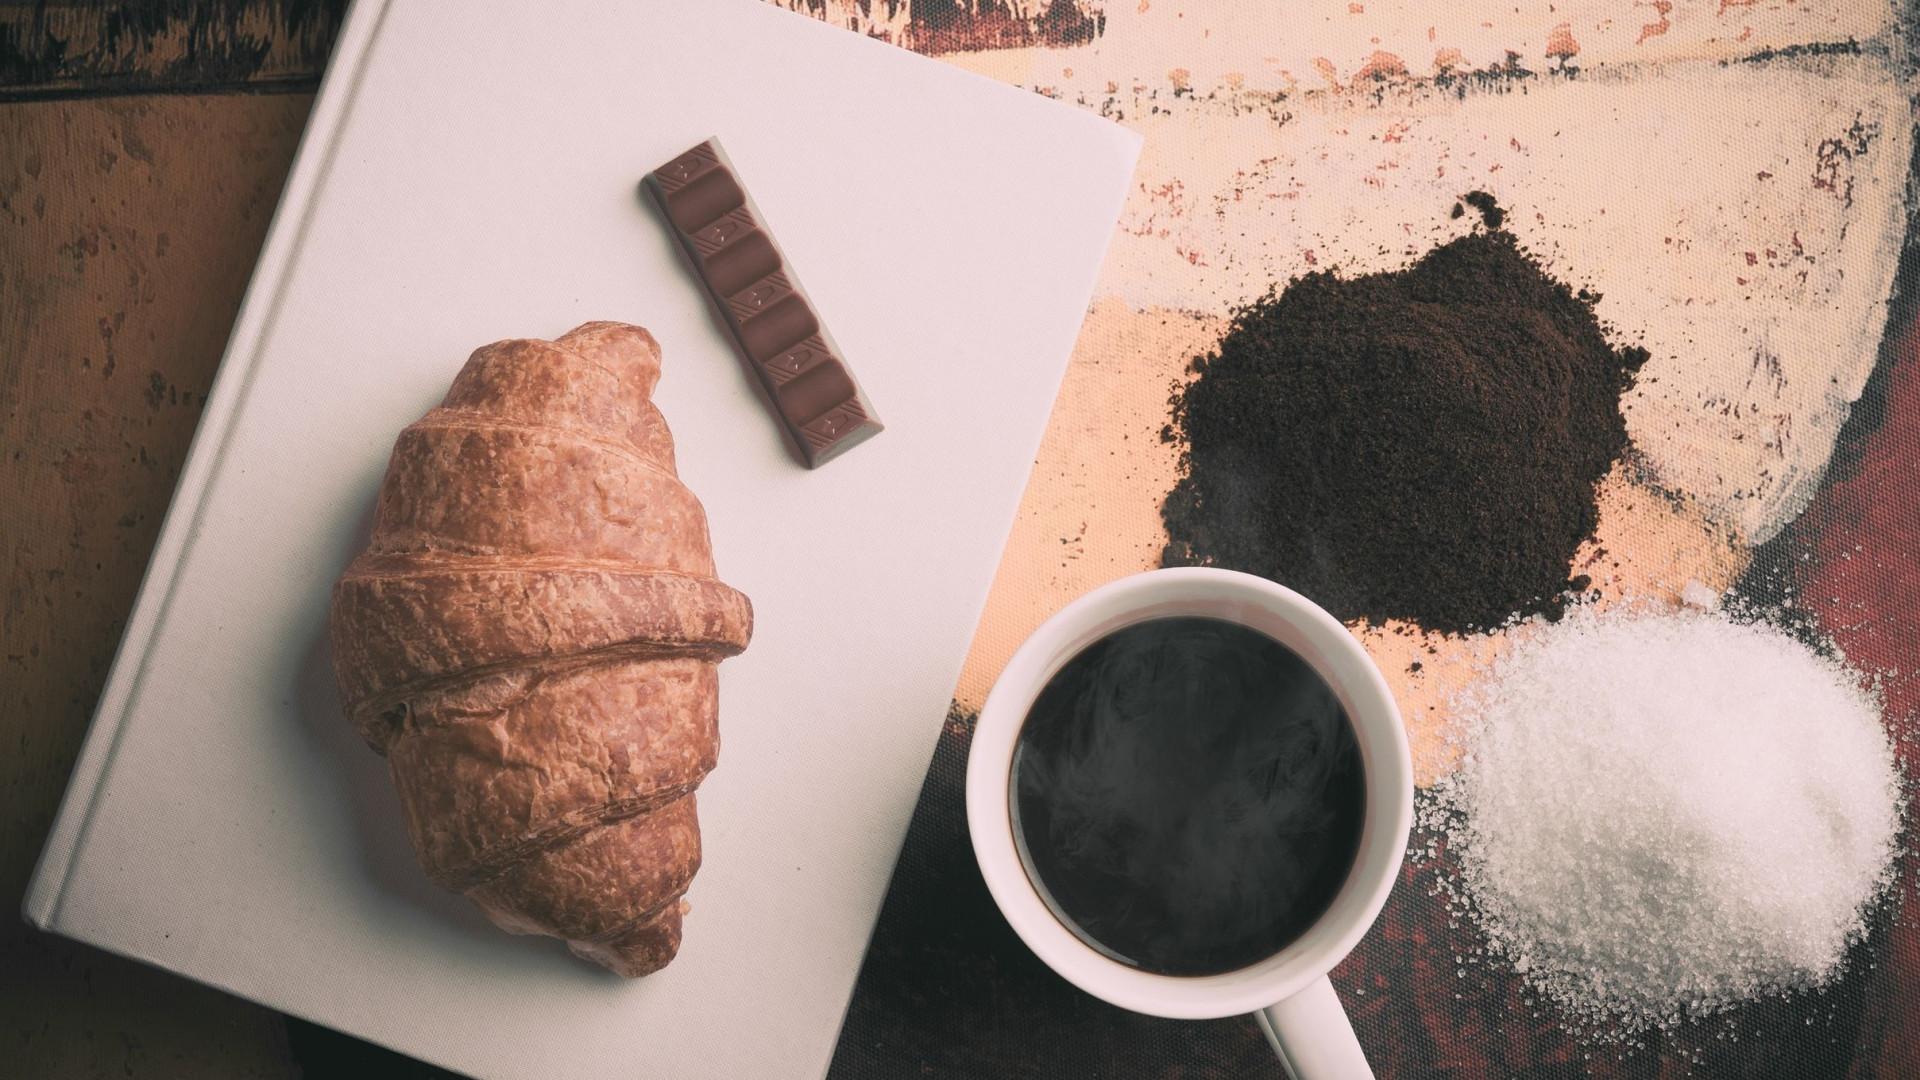 Éclairs e croissants em risco? The Guardian avisa sobre crise da manteiga